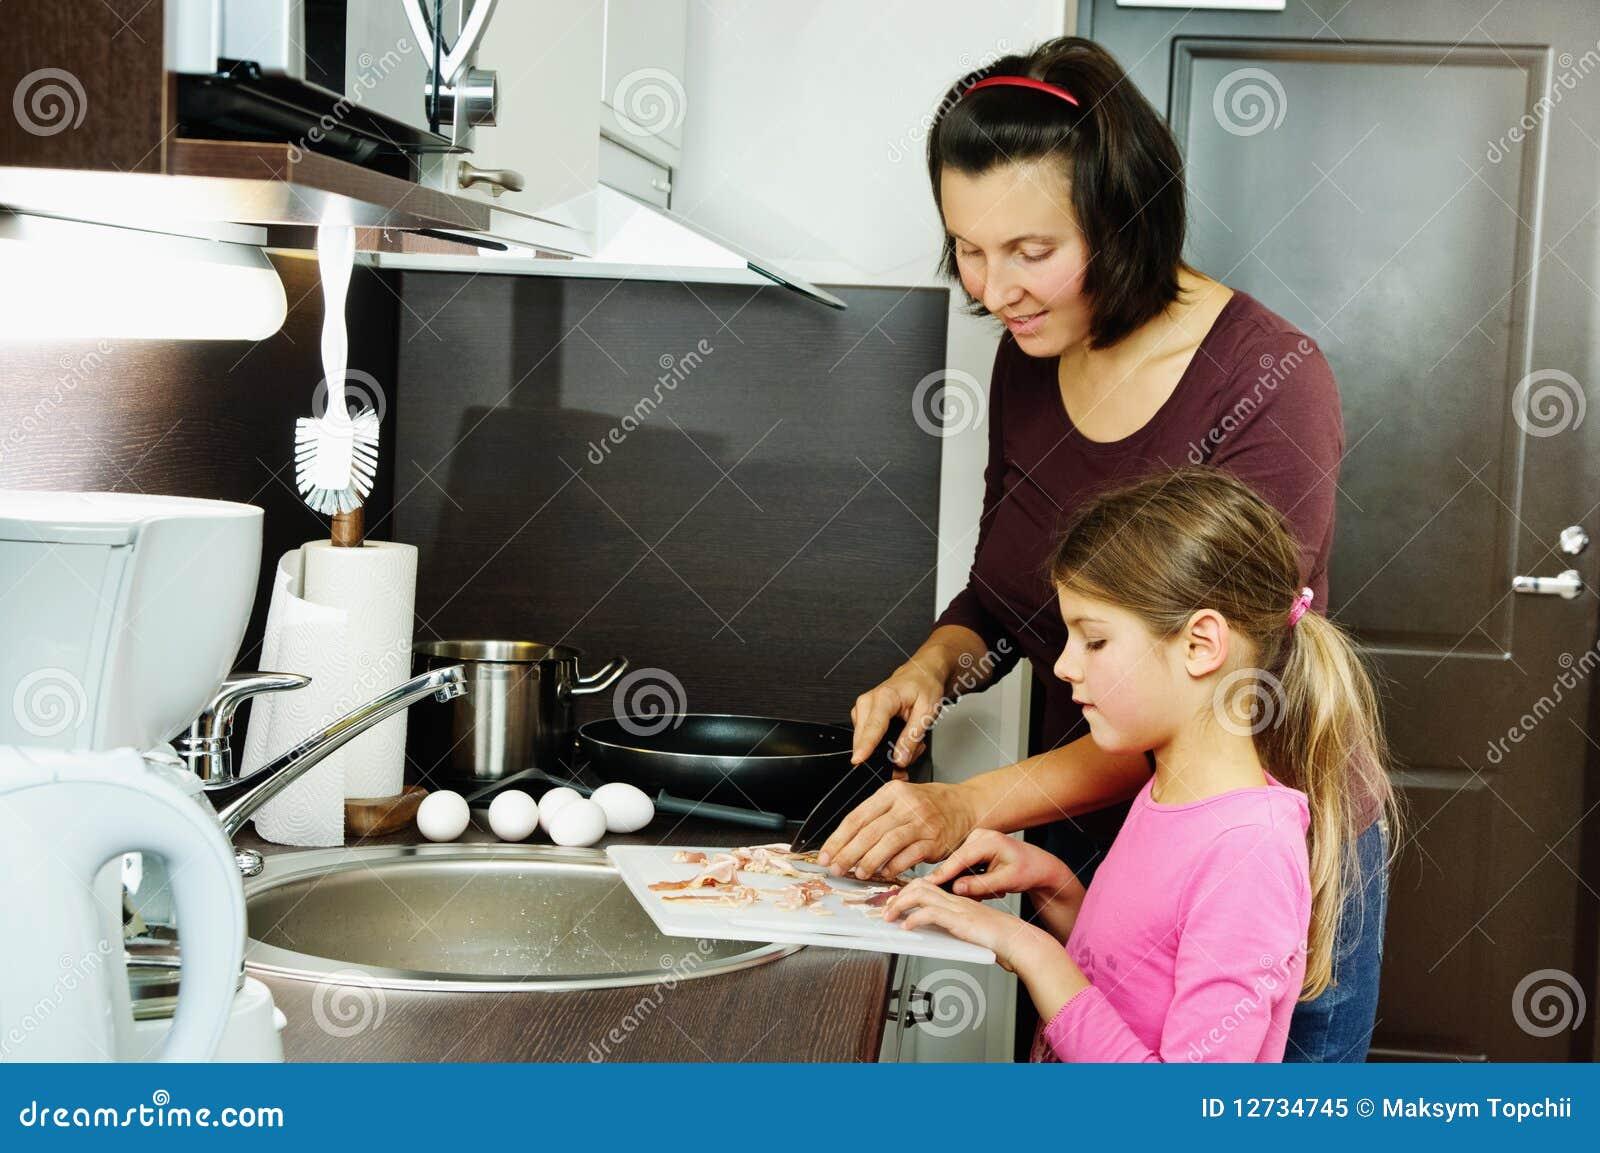 Madre enseñando a su hija a cojer 9